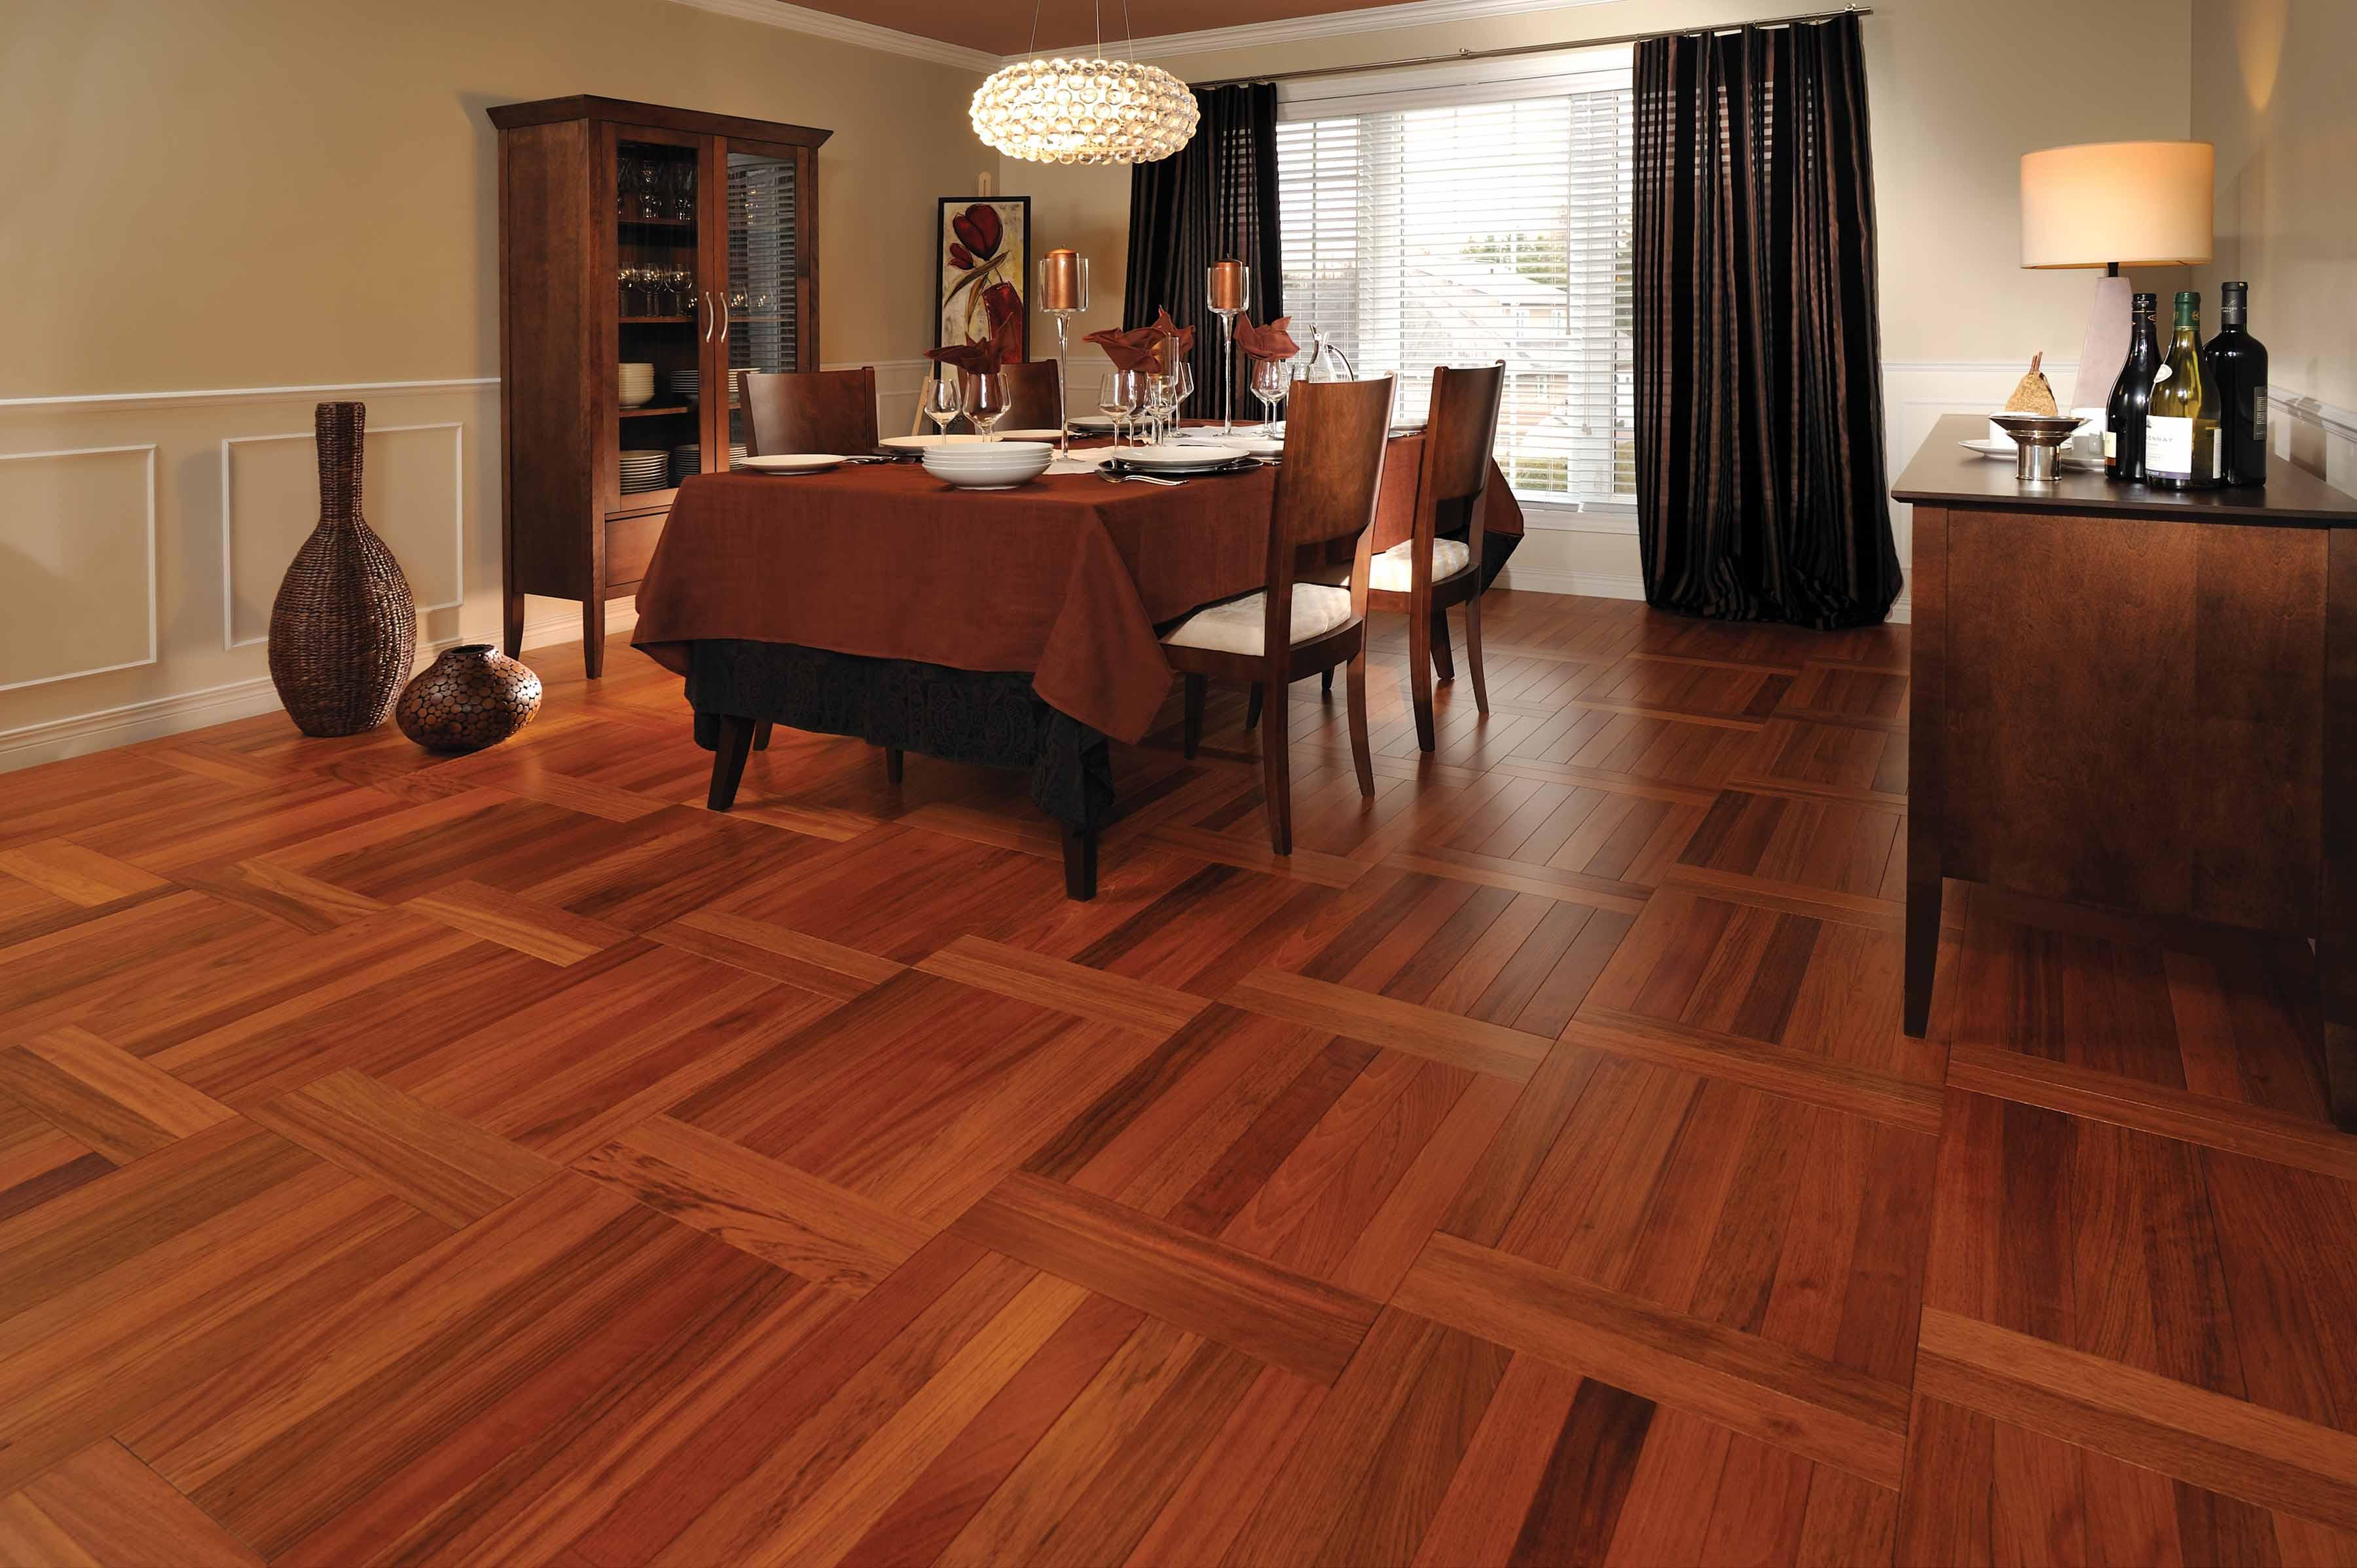 Best Ways To Clean Hardwood Floors Advisor4uall